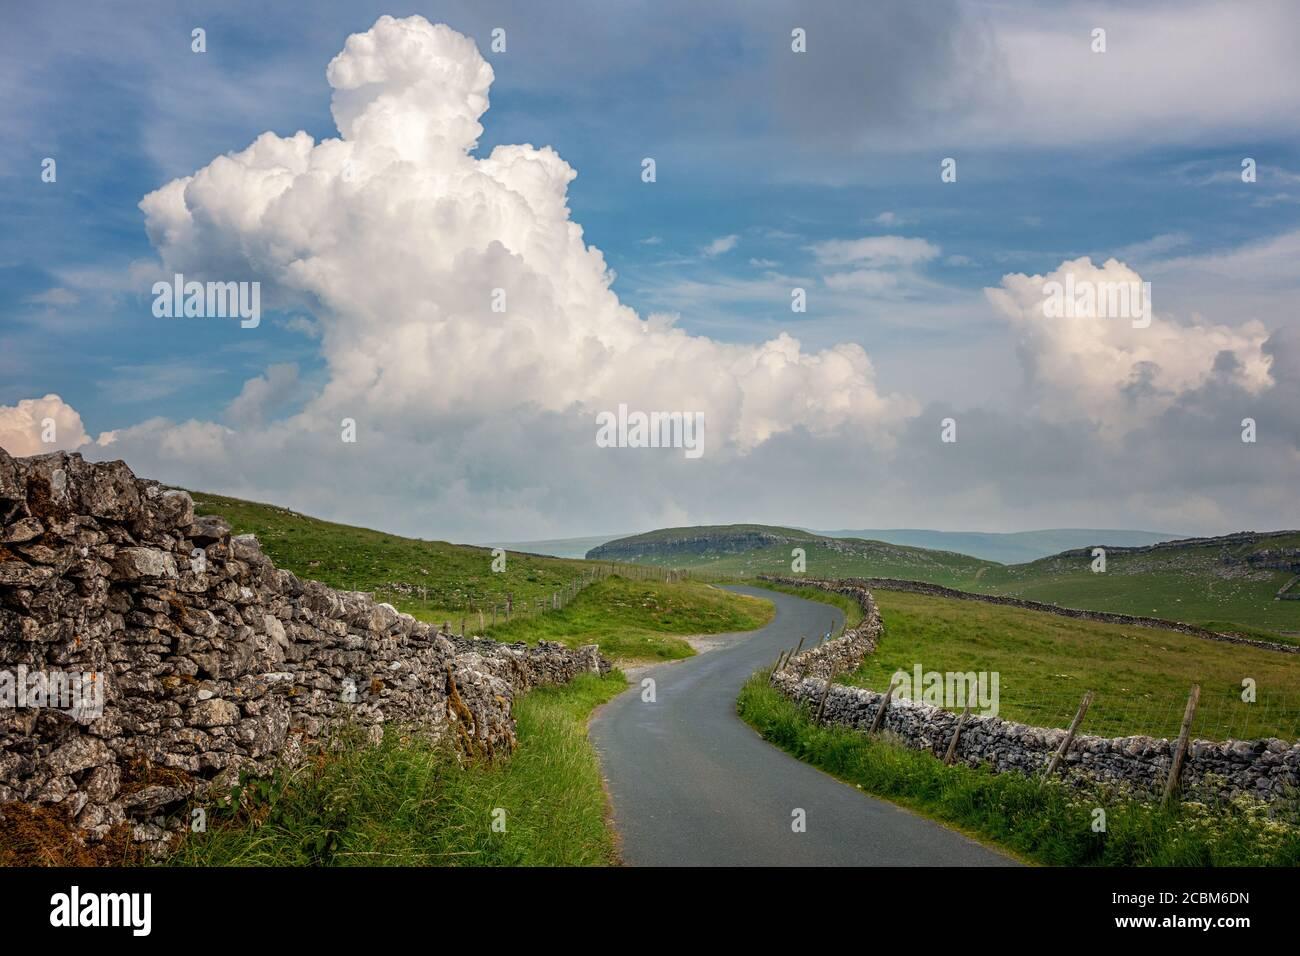 Paisajes del Reino Unido: Carril del país en un paisaje impresionante en el Parque Nacional de Yorkshire Dales, en dirección a Malham Moor con la construcción de nubes de truenos Foto de stock